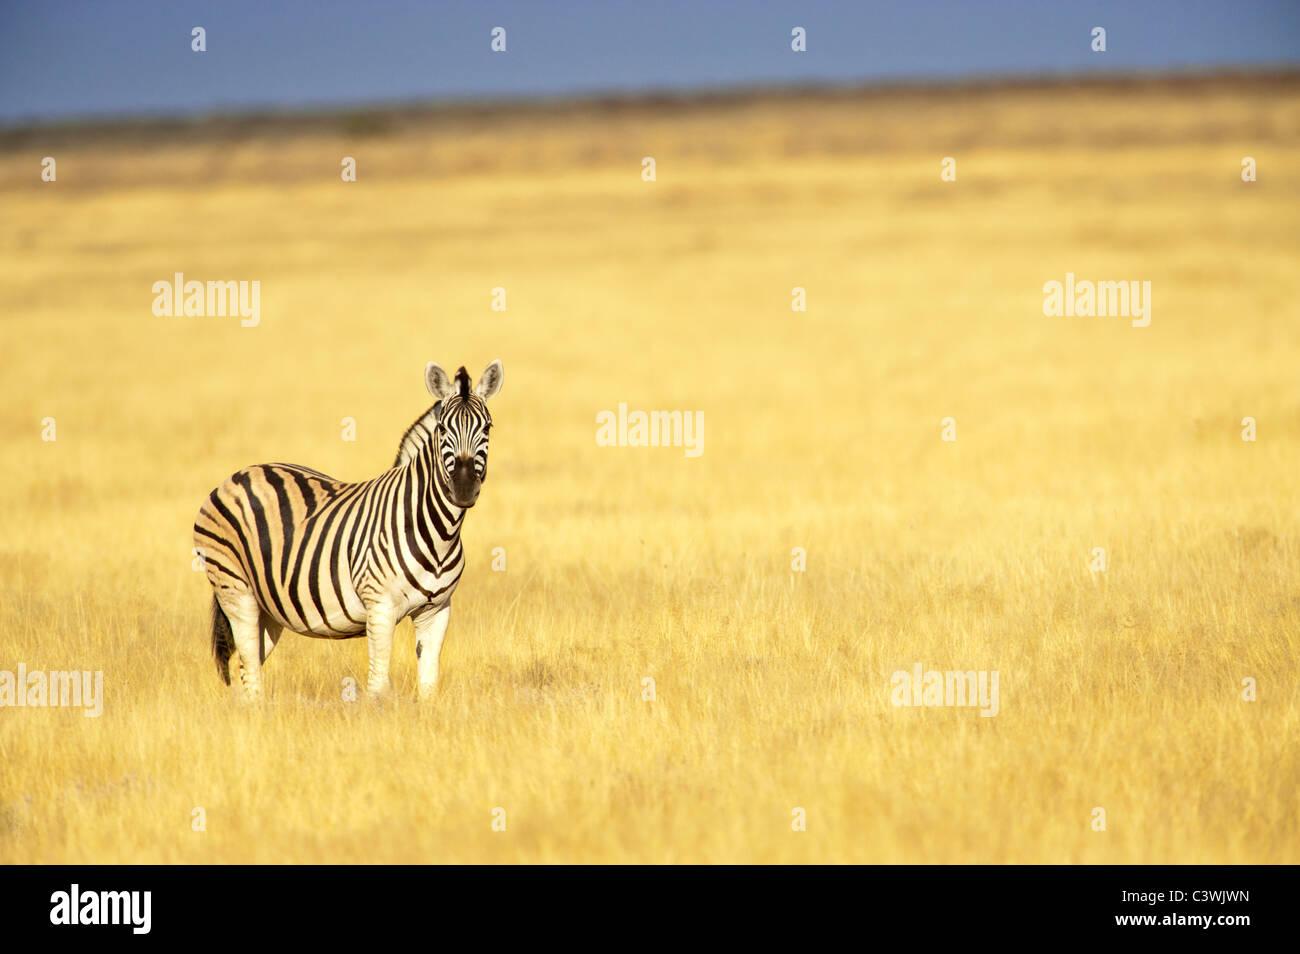 La savane désertique zèbre de Burchell Equus burchelli savane namibie damaraland 1 un seul espace pour Photo Stock